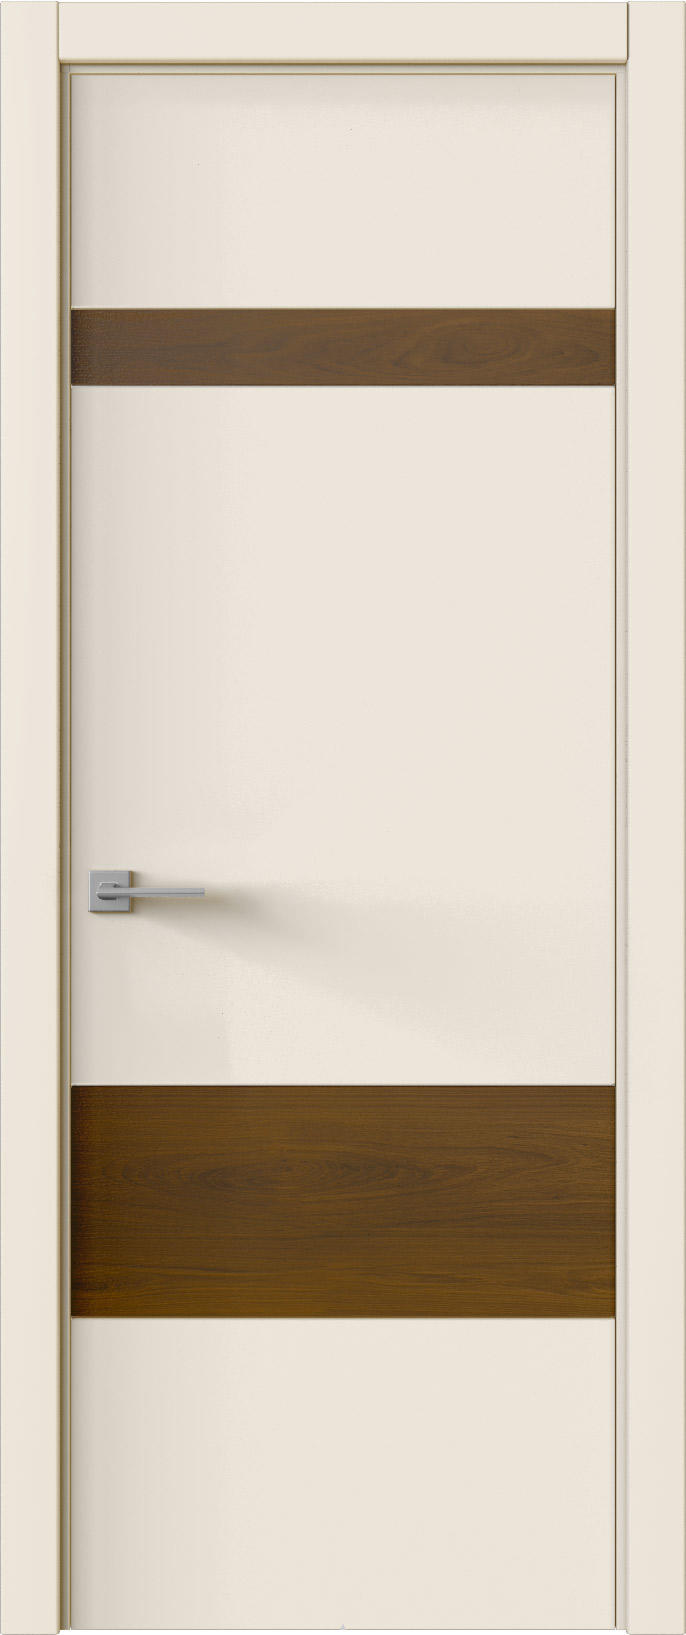 Tivoli К-4 цвет - Жемчужная эмаль (RAL 1013) Без стекла (ДГ)